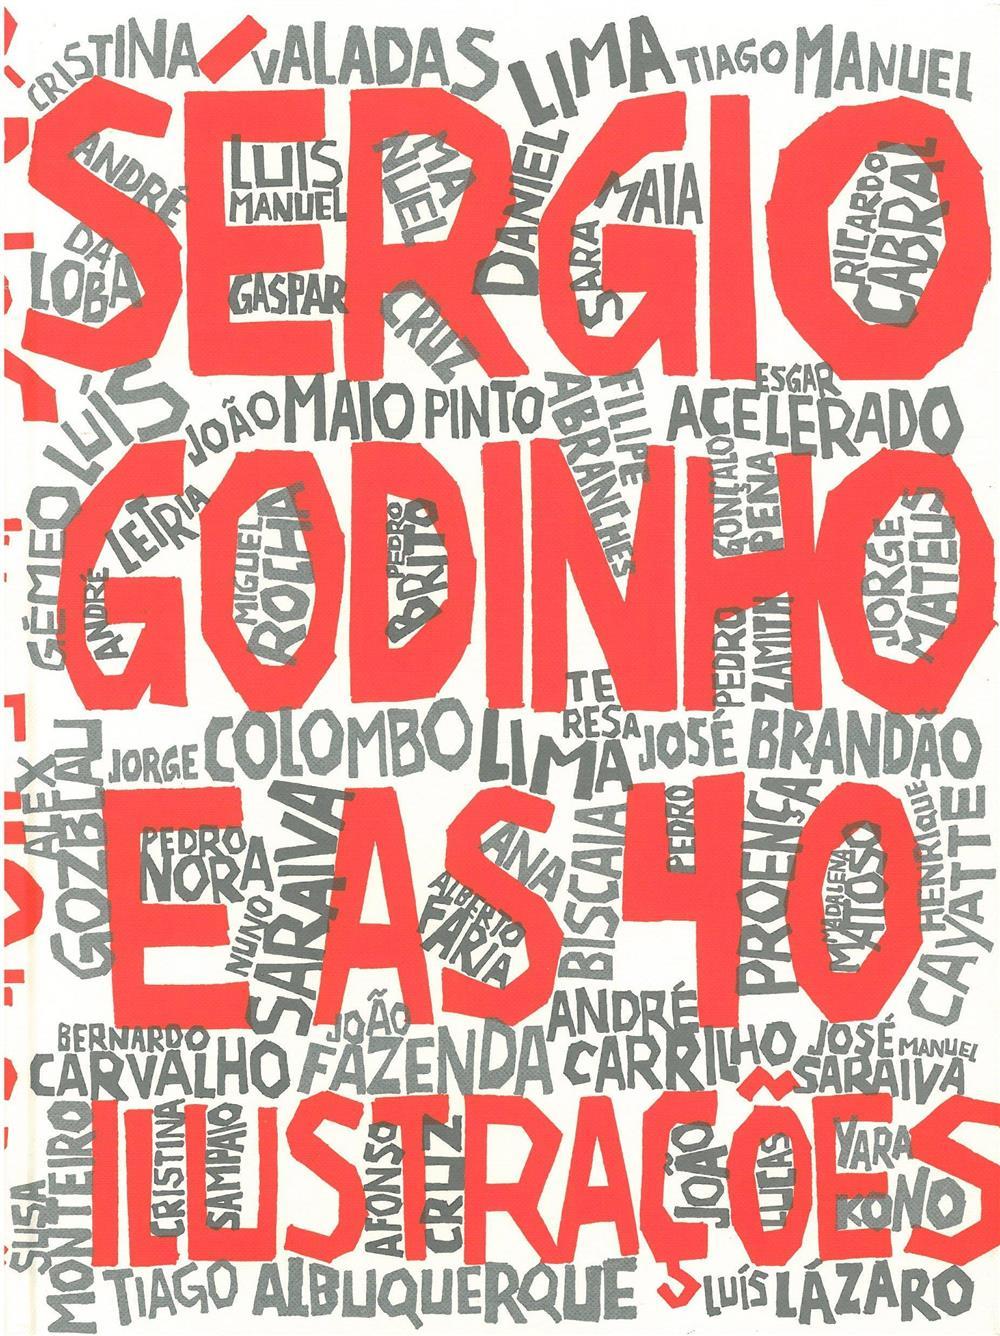 Sérgio Godinho e as 40 ilustrações_.jpg